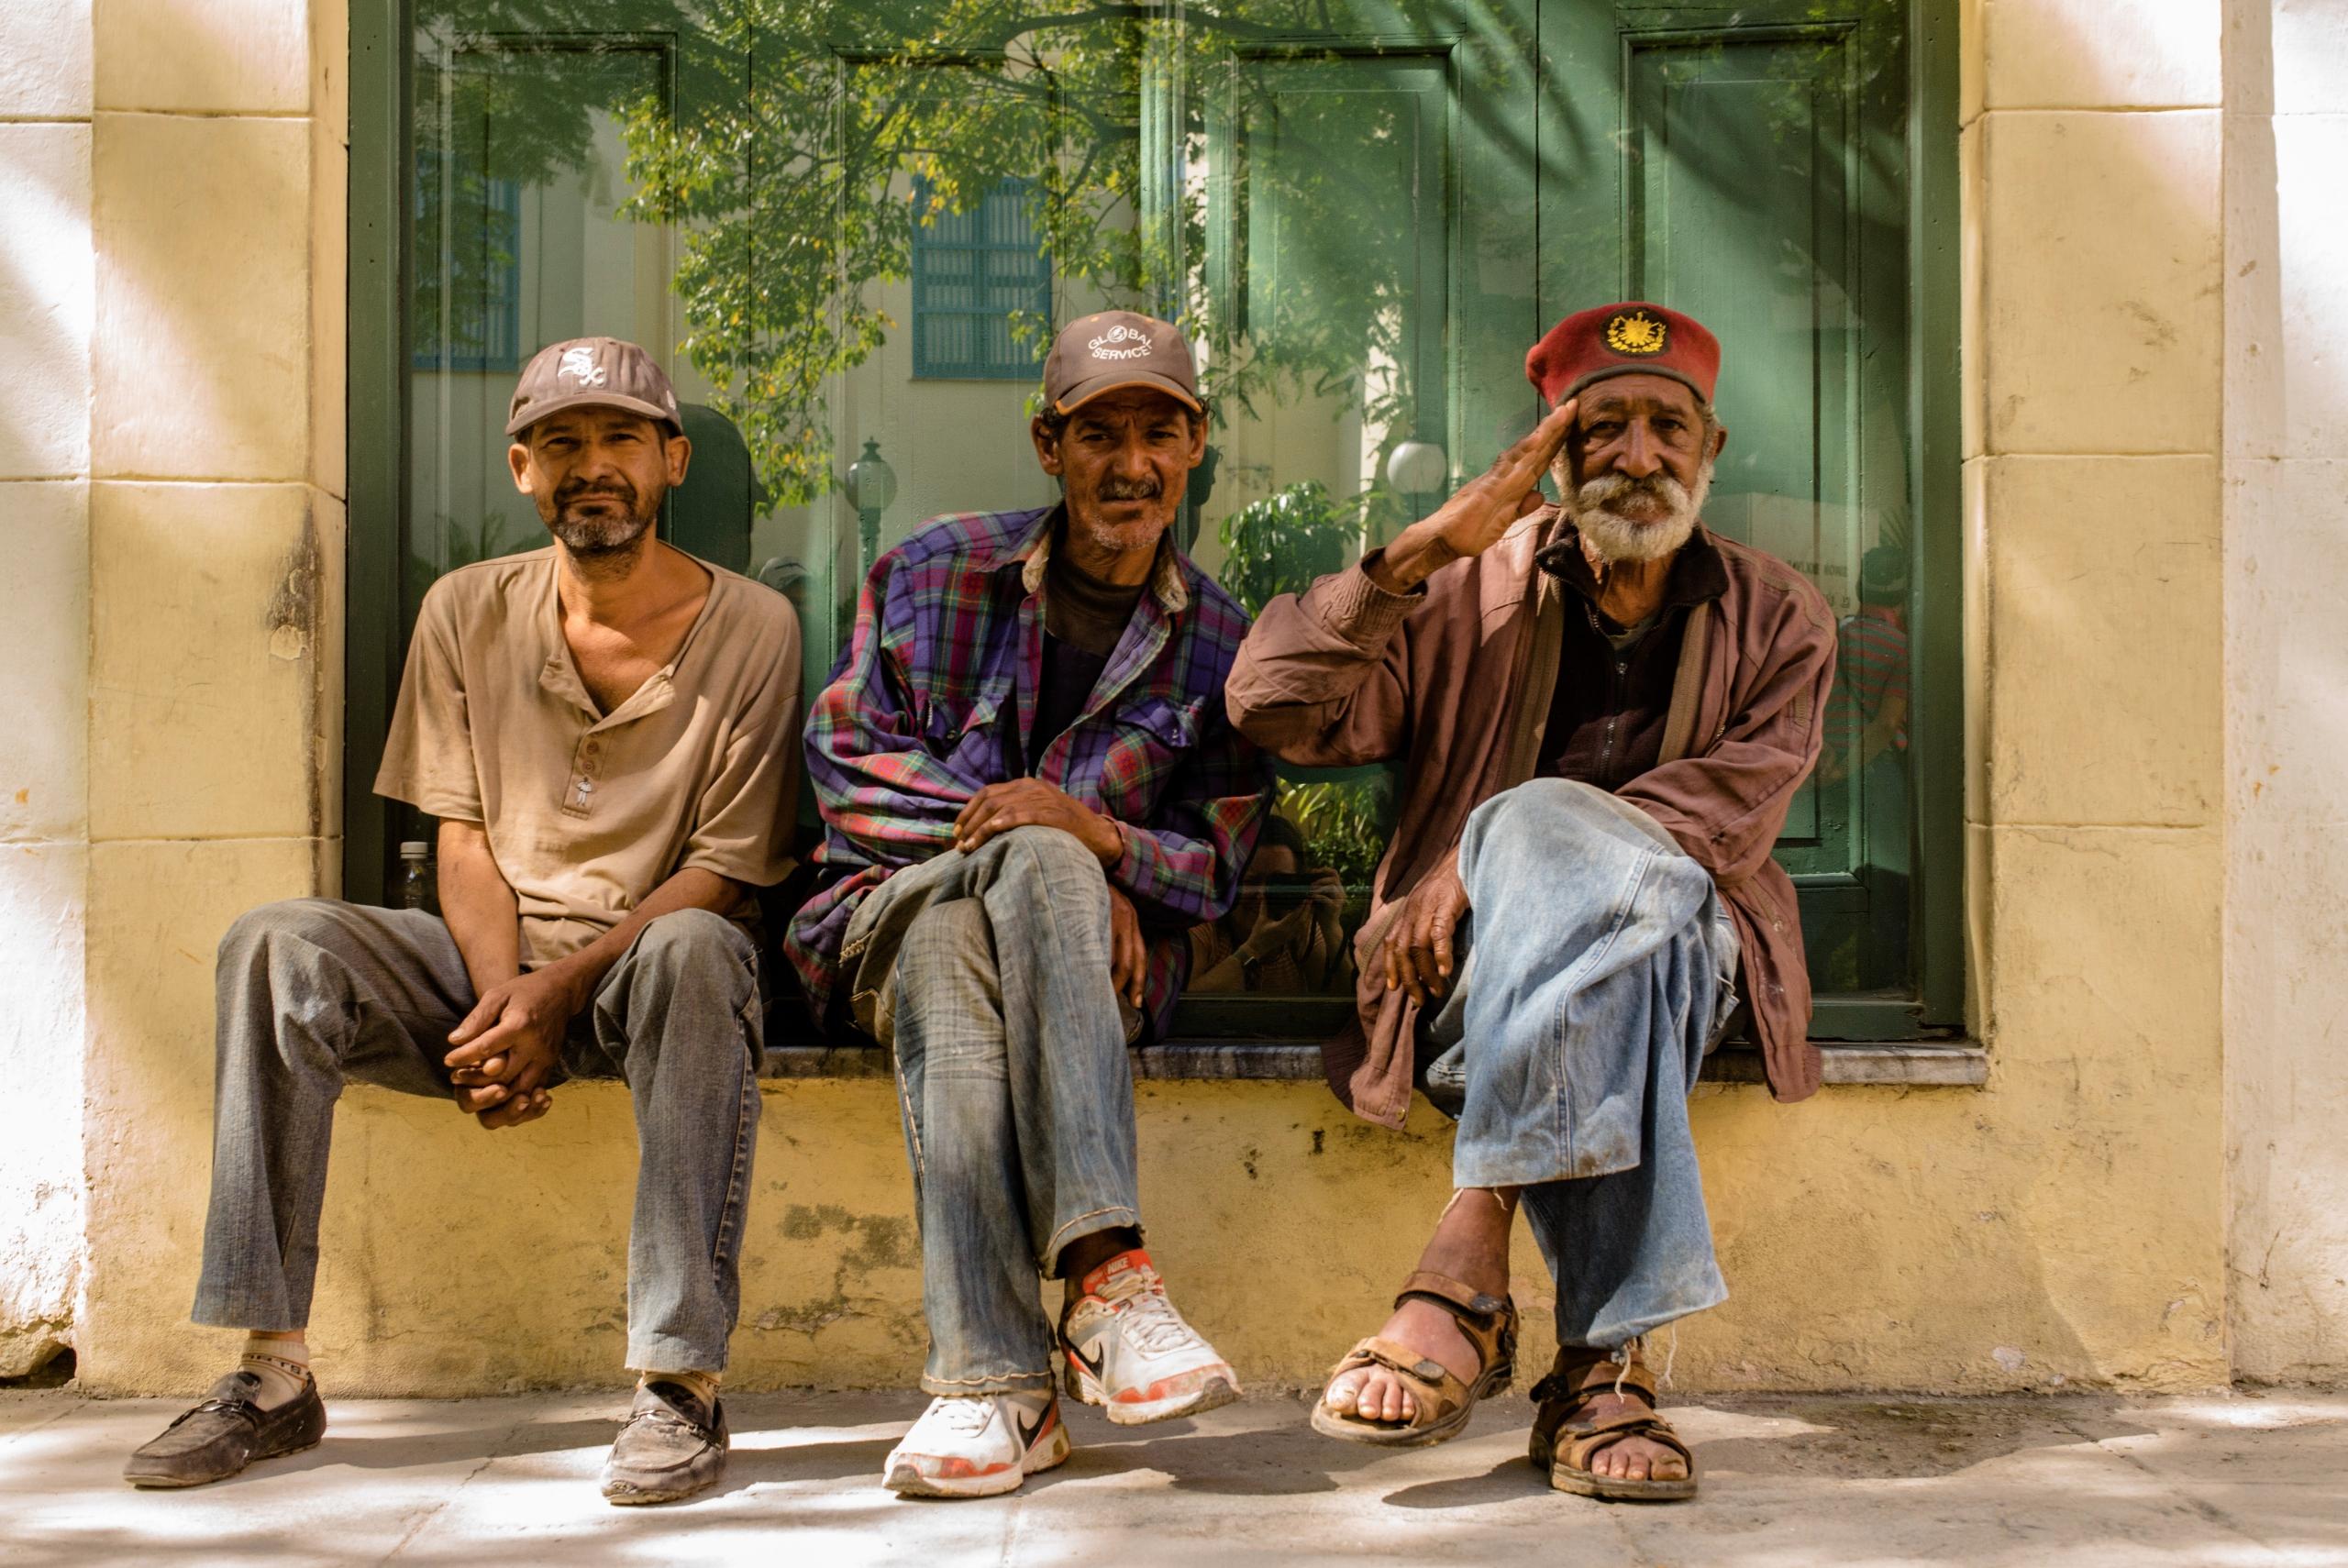 Saltute Havana, Cuba - giseleduprez   ello